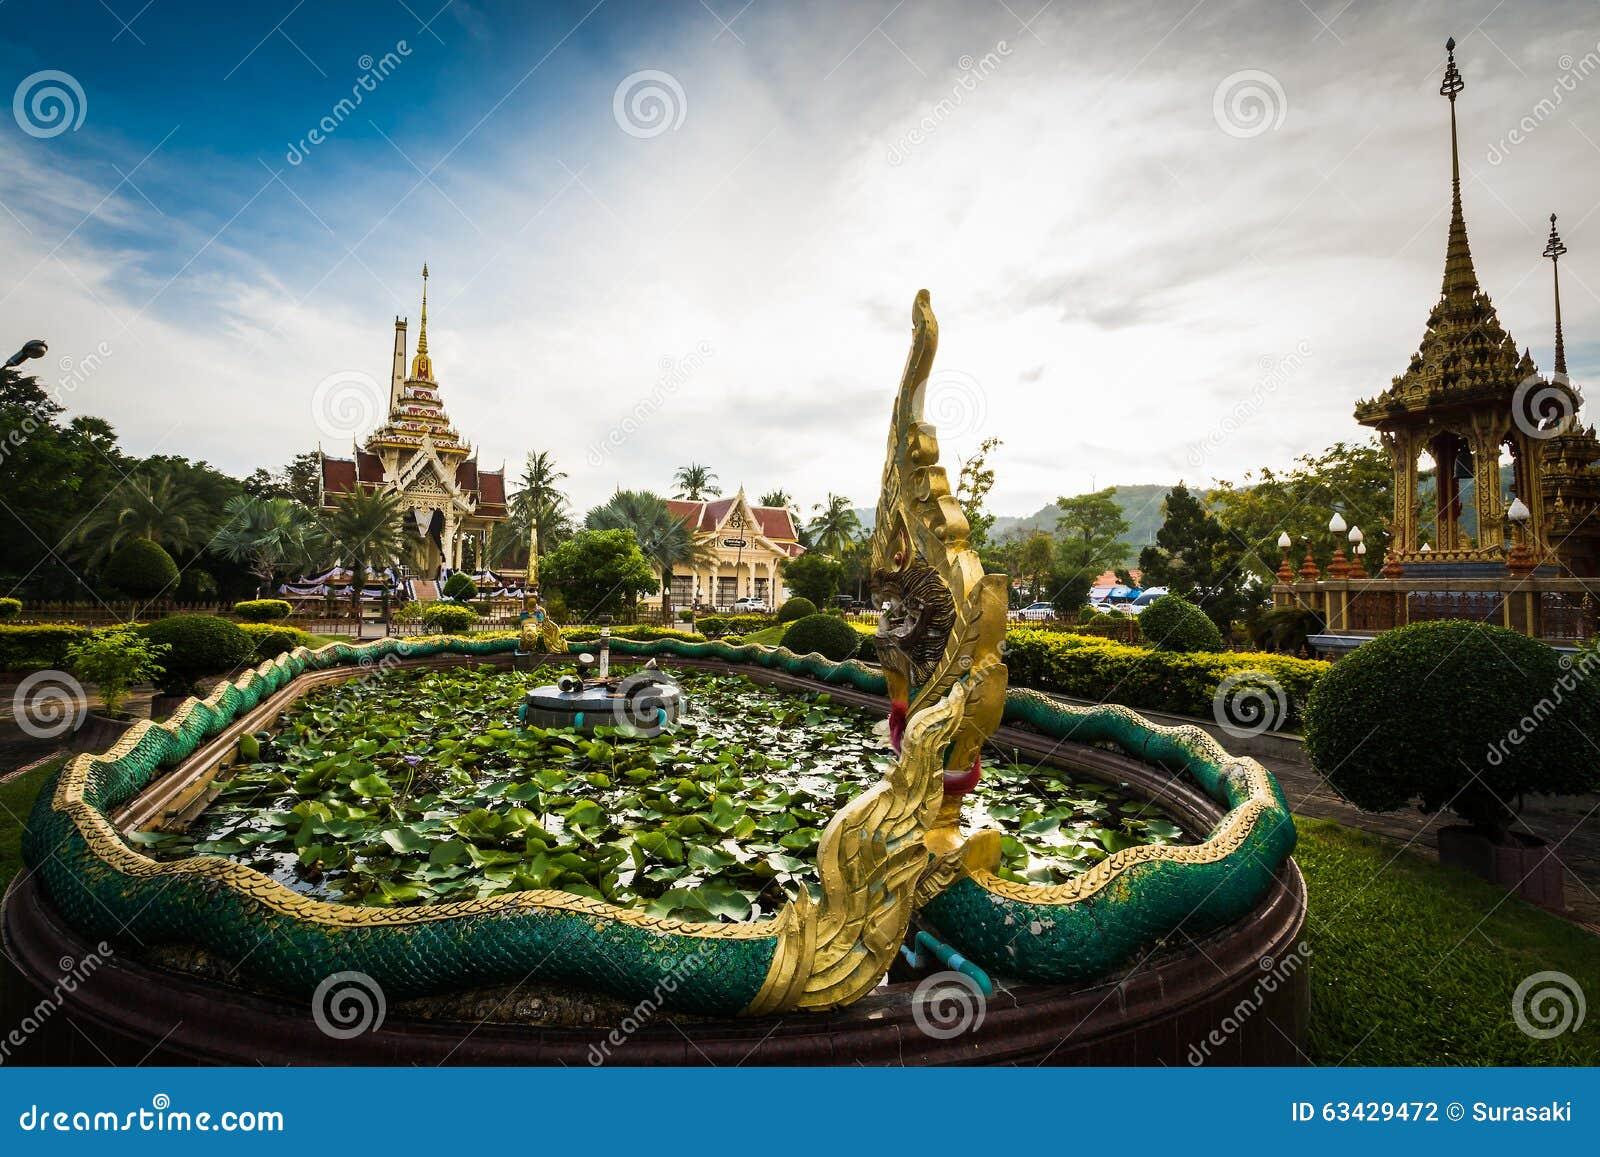 Tajlandzka stylowa dekoracja w chalong świątyni, Phuket, Tajlandia